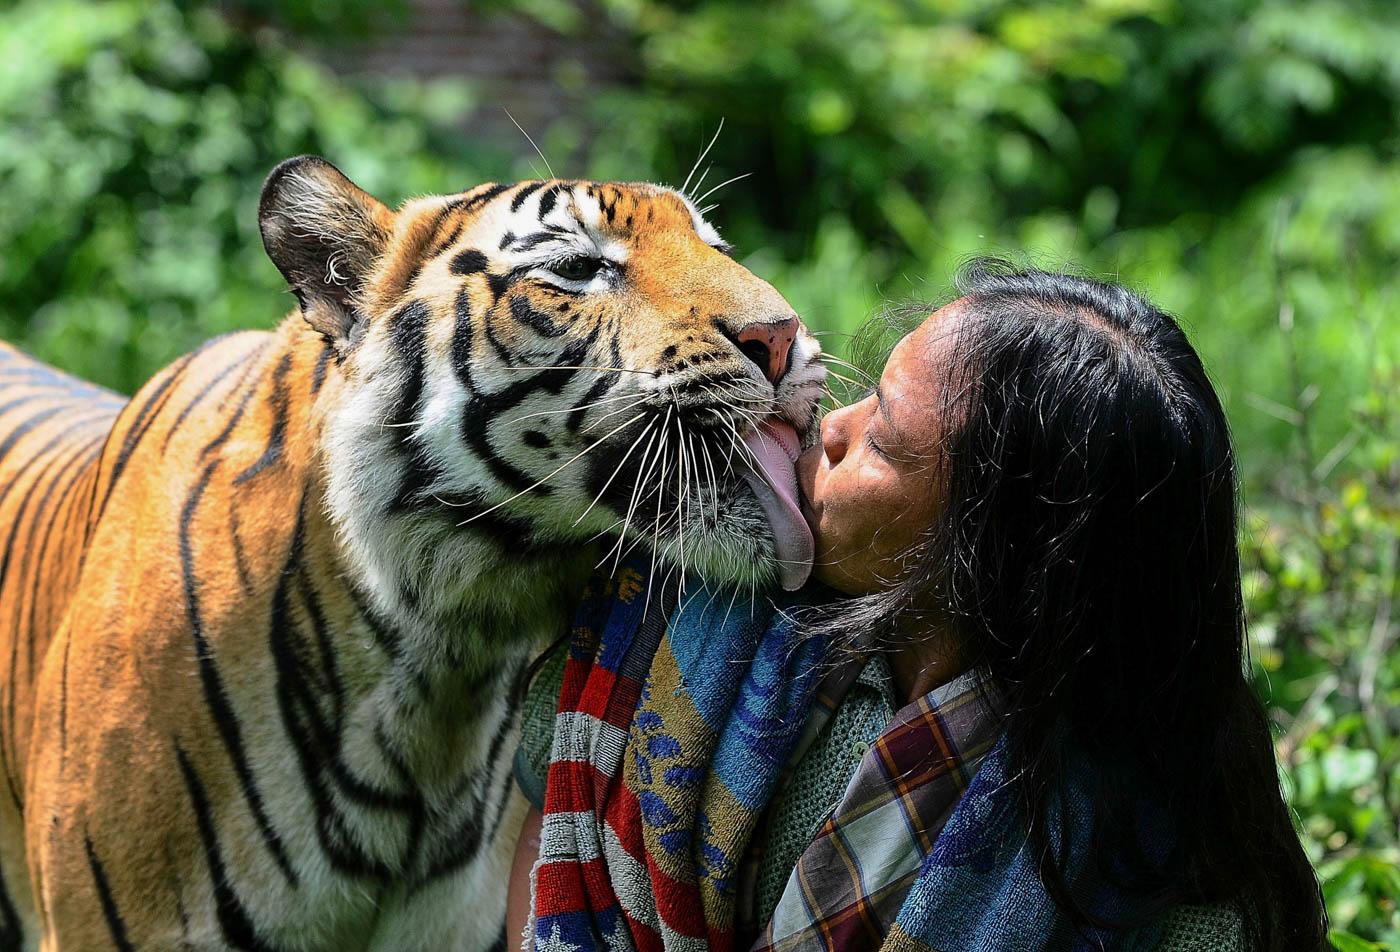 Mulan Jamila, un tigre de bengala de 6 años, besa a su cuidadora en Malang, Indonesia